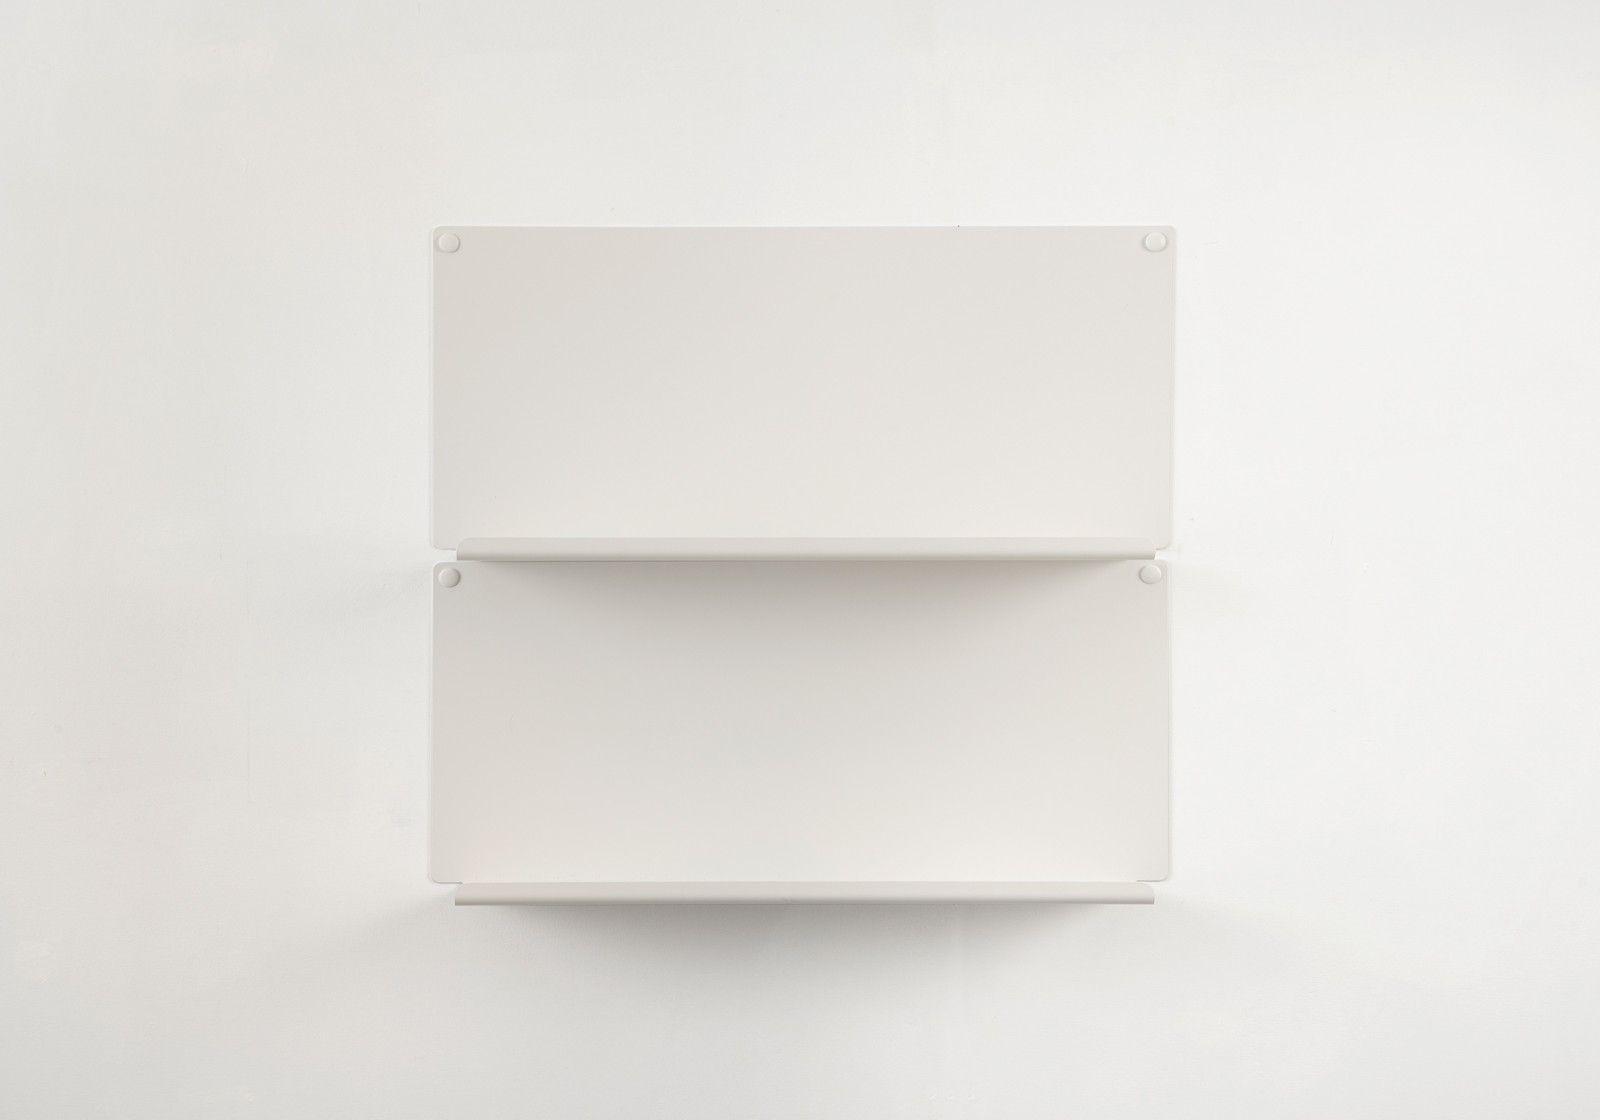 tag re pour la cuisine le ot de 2 45x15 cm acier. Black Bedroom Furniture Sets. Home Design Ideas